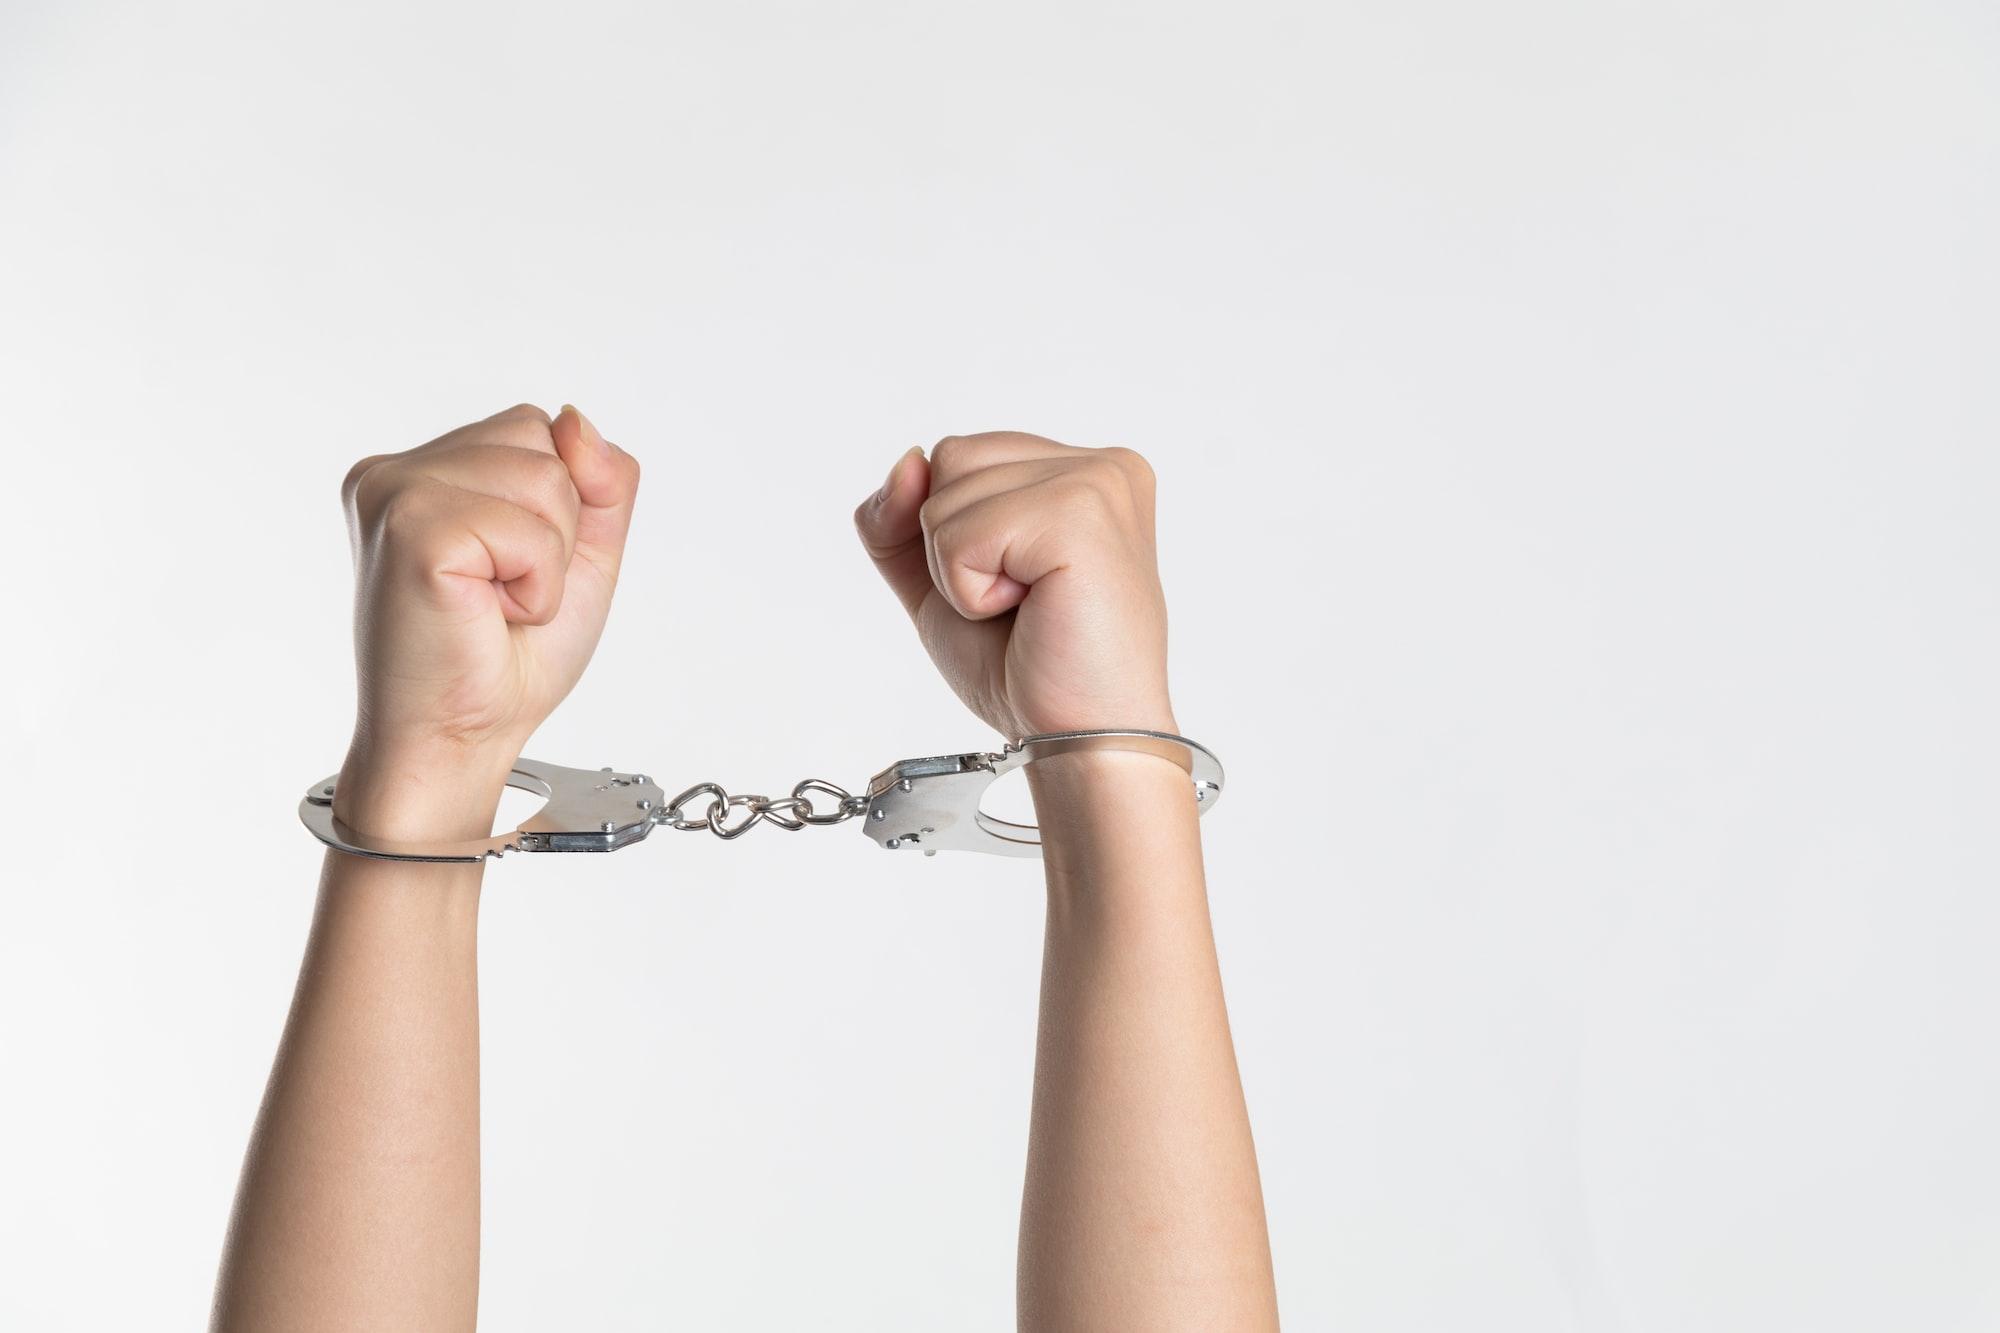 कनाडा में यौन तस्करी के आरोप में 3 भारतीय युवक गिरफ्तार, चौथे की तलाश